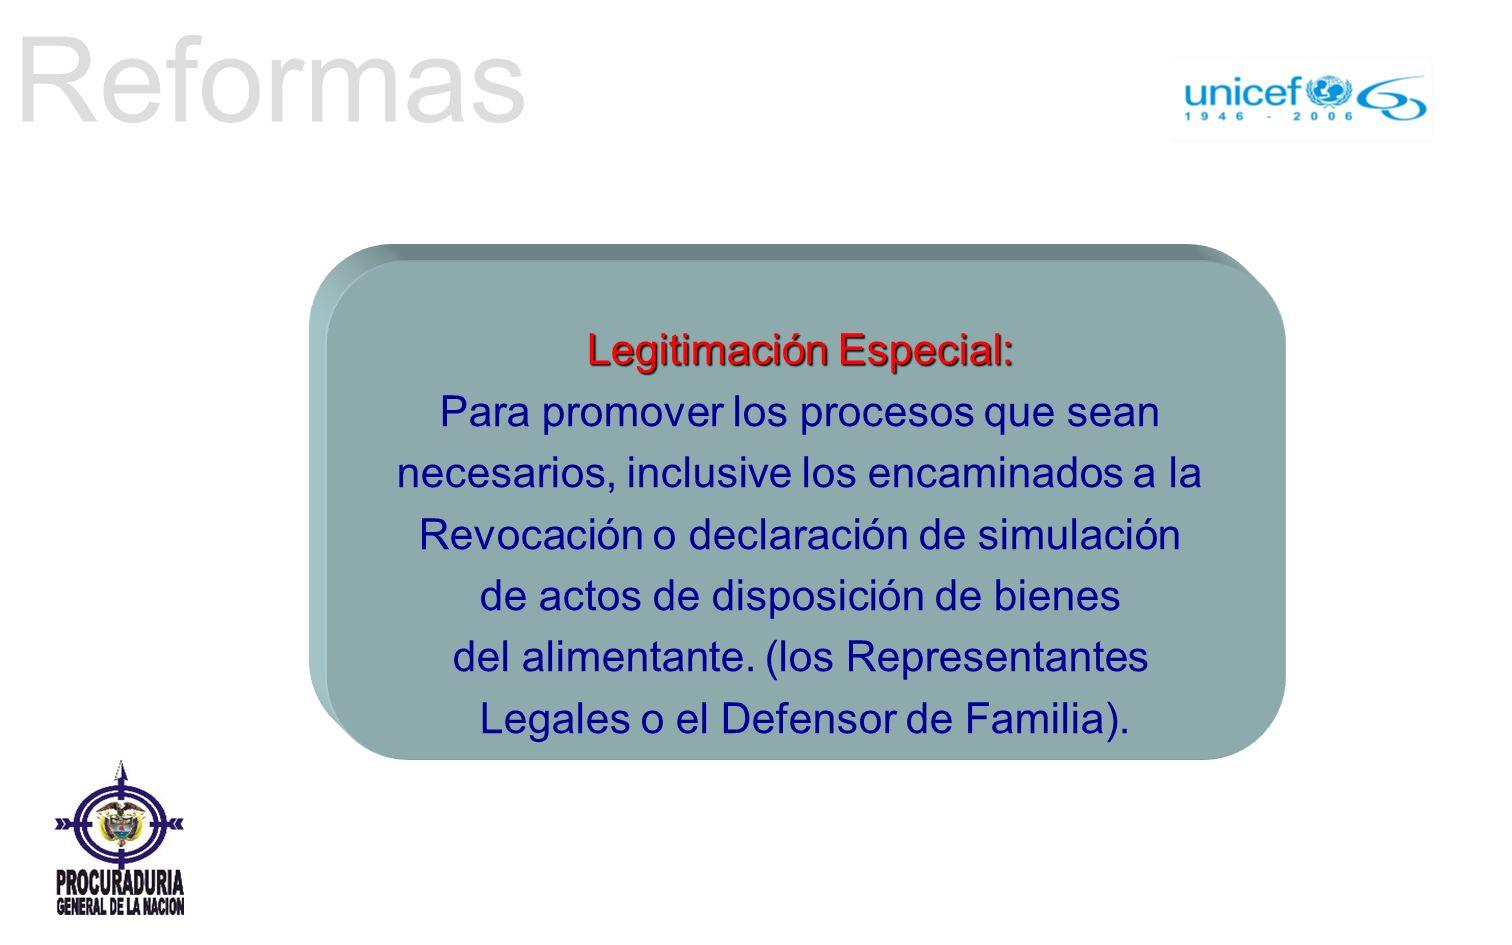 Reformas Legitimación Especial: Para promover los procesos que sean necesarios, inclusive los encaminados a la Revocación o declaración de simulación de actos de disposición de bienes del alimentante.